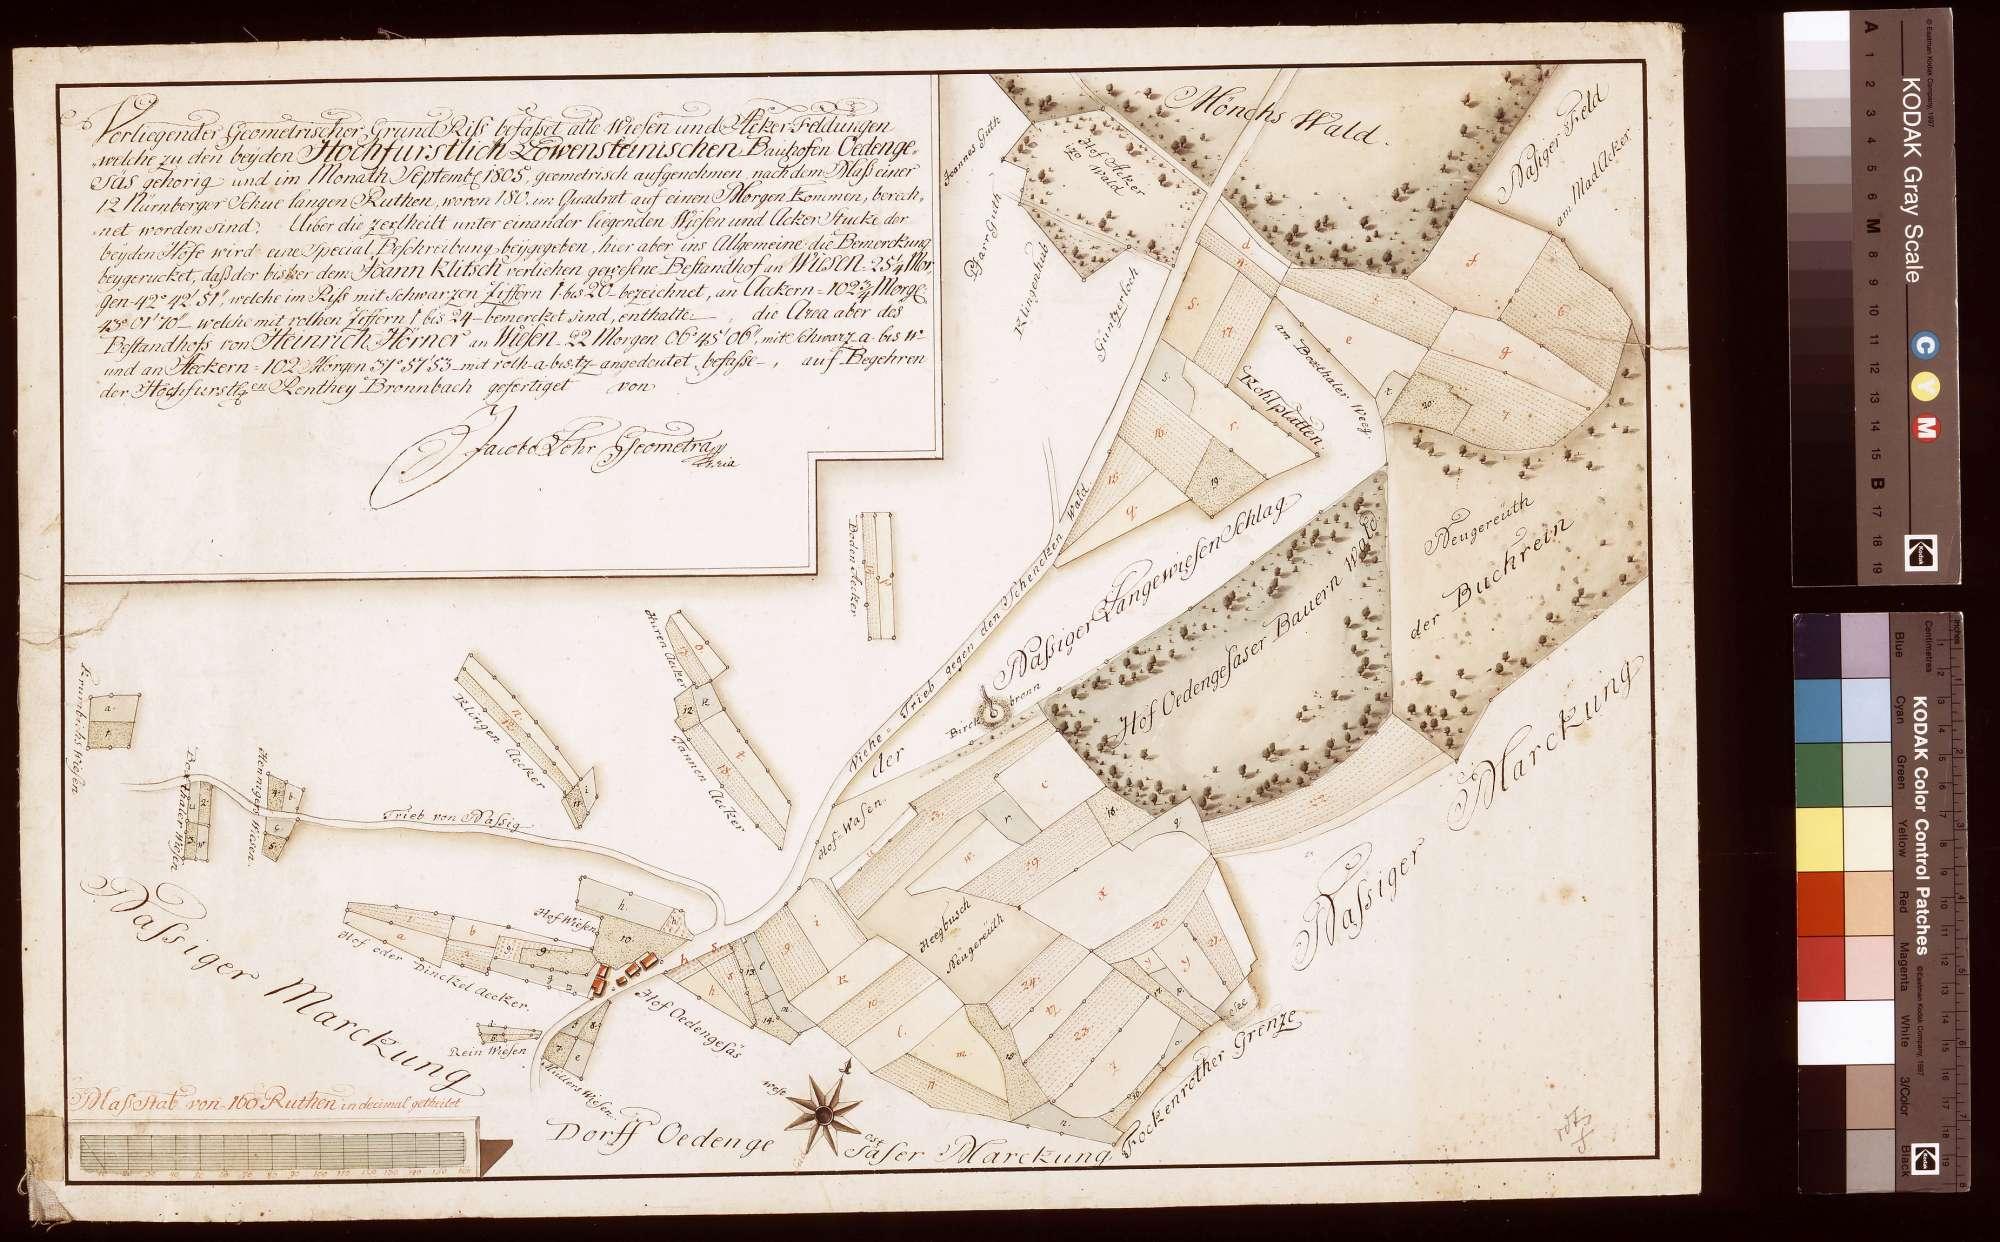 [Wiesen und Äcker der beiden Bauhöfe Ödengesäß] (Inselkarte), Bild 1